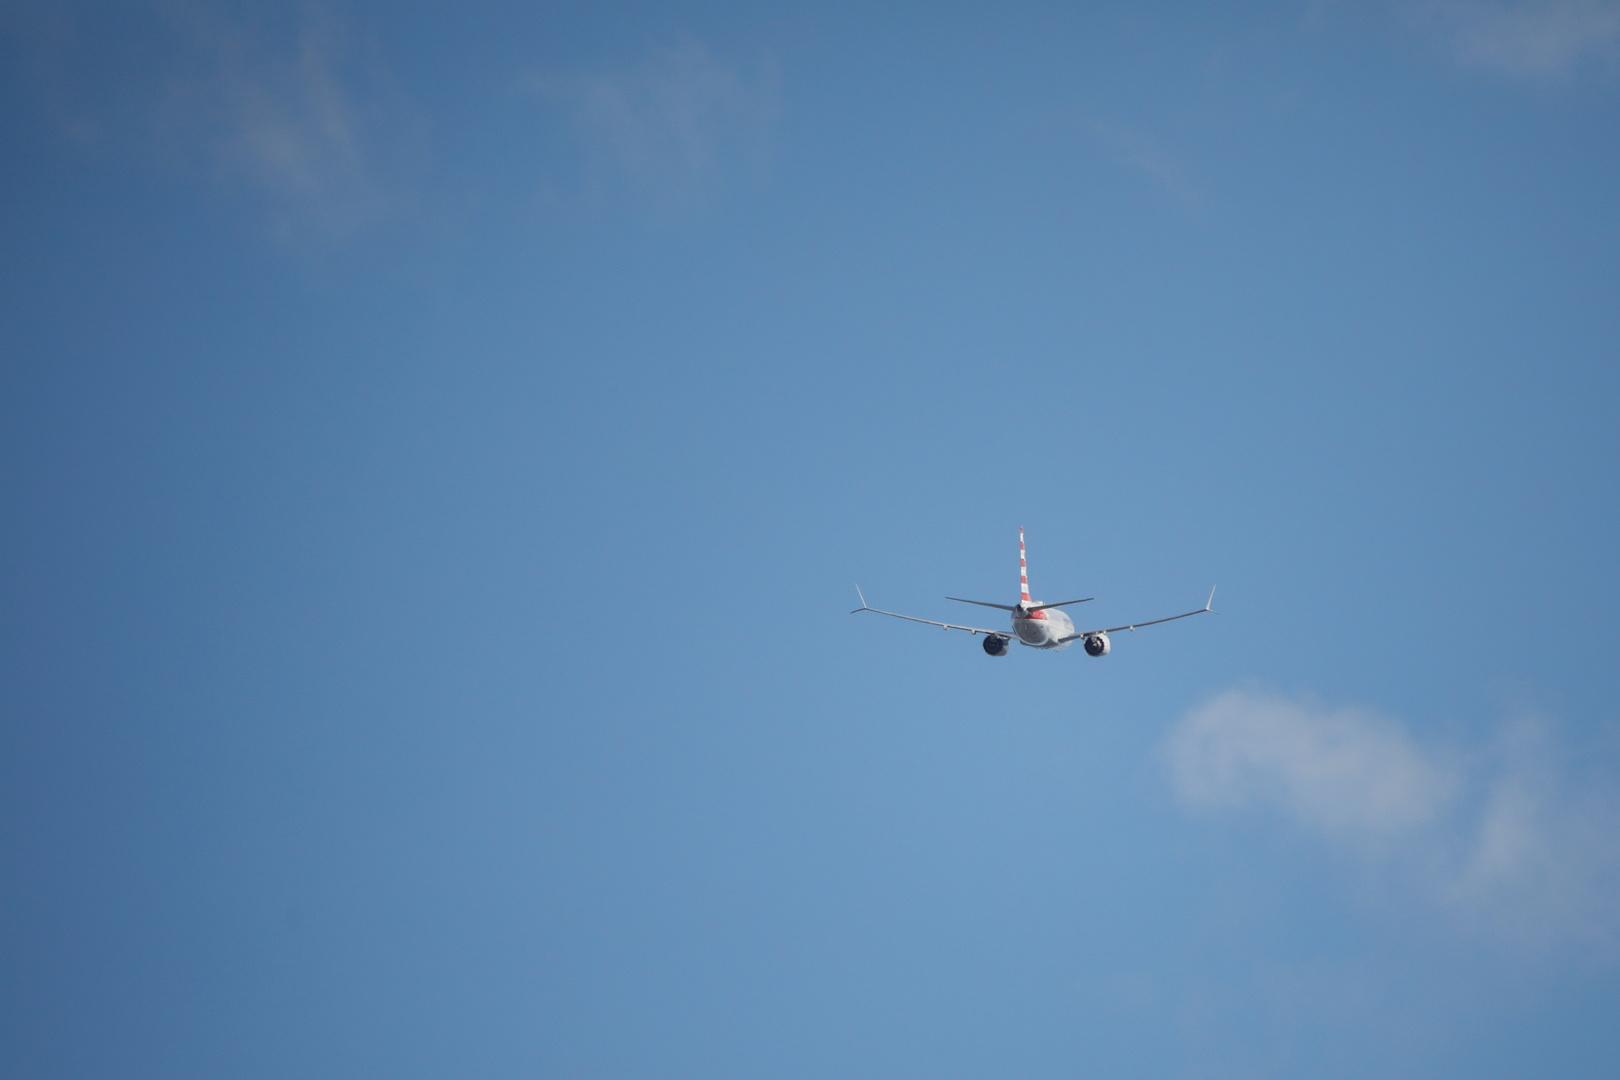 إدارة الطيران الأمريكية: هبوط اضطراري لطائرة شحن في البحر قبالة هاواي